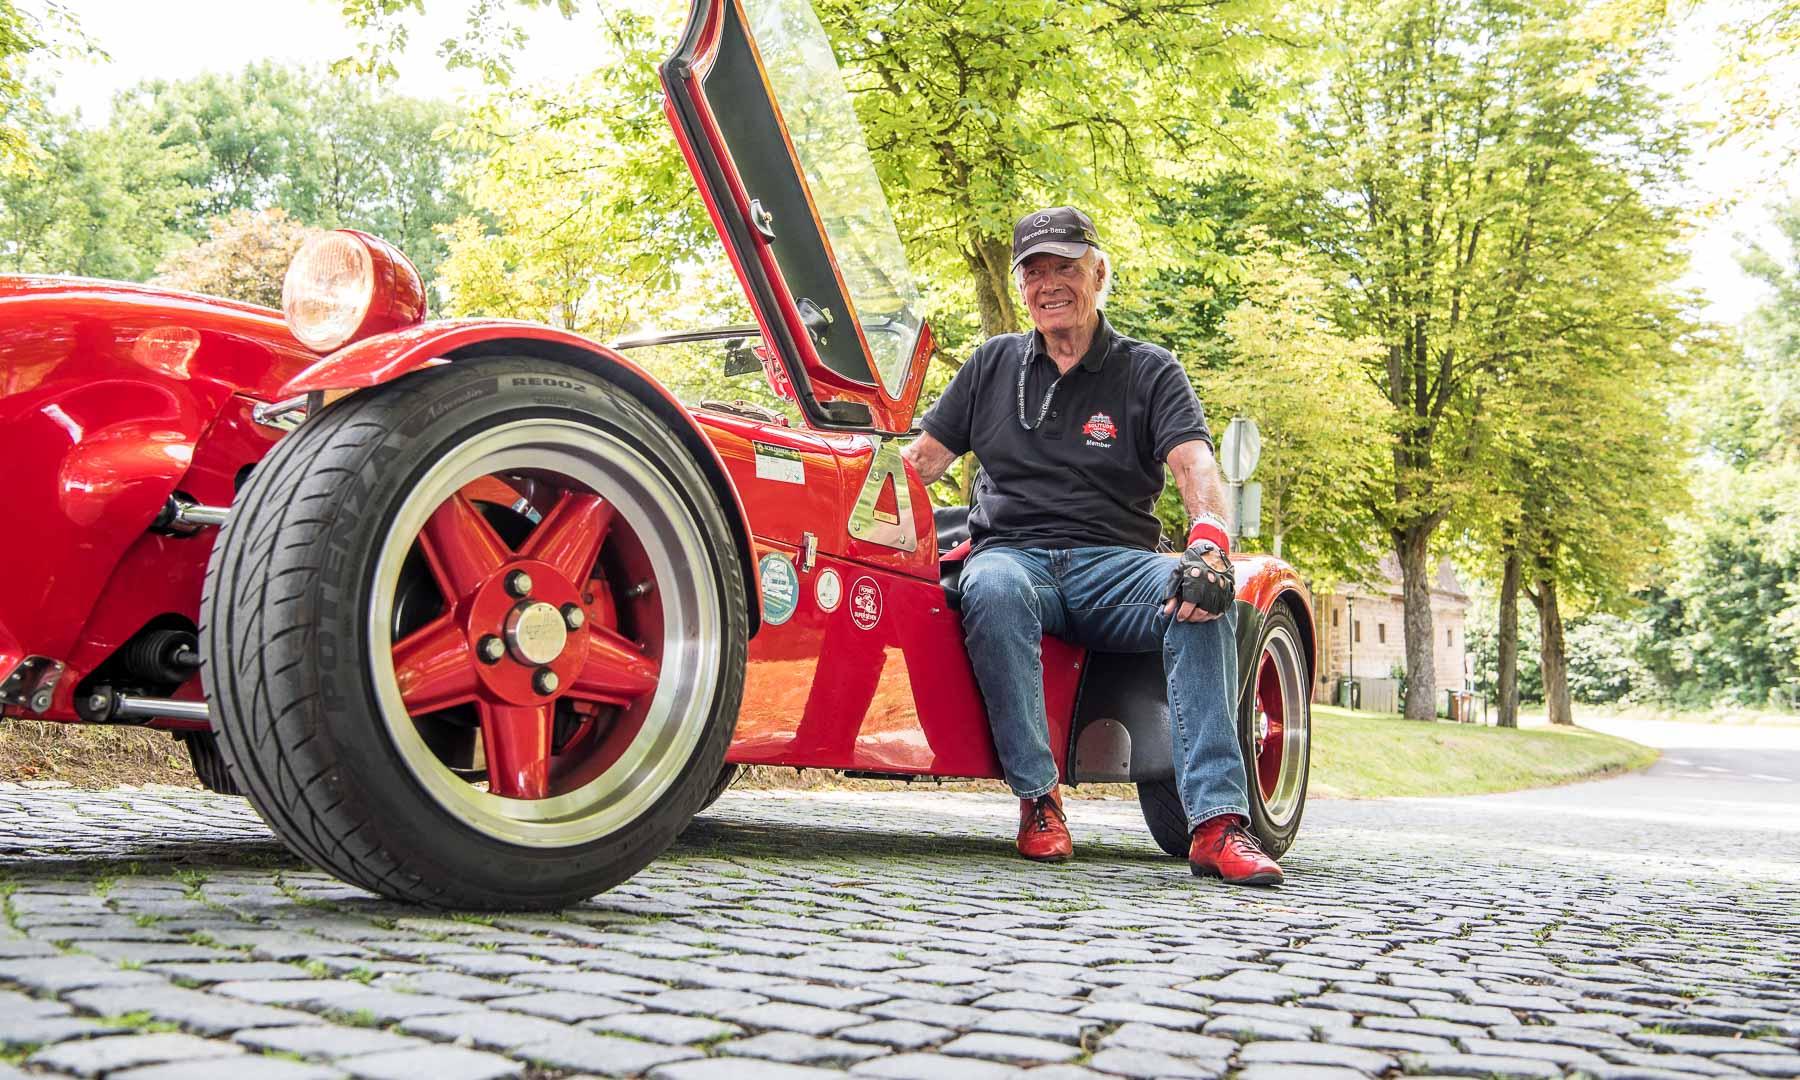 Stolzer Besitzer des Rush Super Seven ist Freund und Leser unserer Redaktion, Walter Buhl. Unzählige Male und Kilometer nach Sardinien und zurück absolvierte er mit seiner roten Zigarre. Eine beachtliche Leistung angesichts seines kürzlichen Verlassens seines Mitzwanziger-Status.